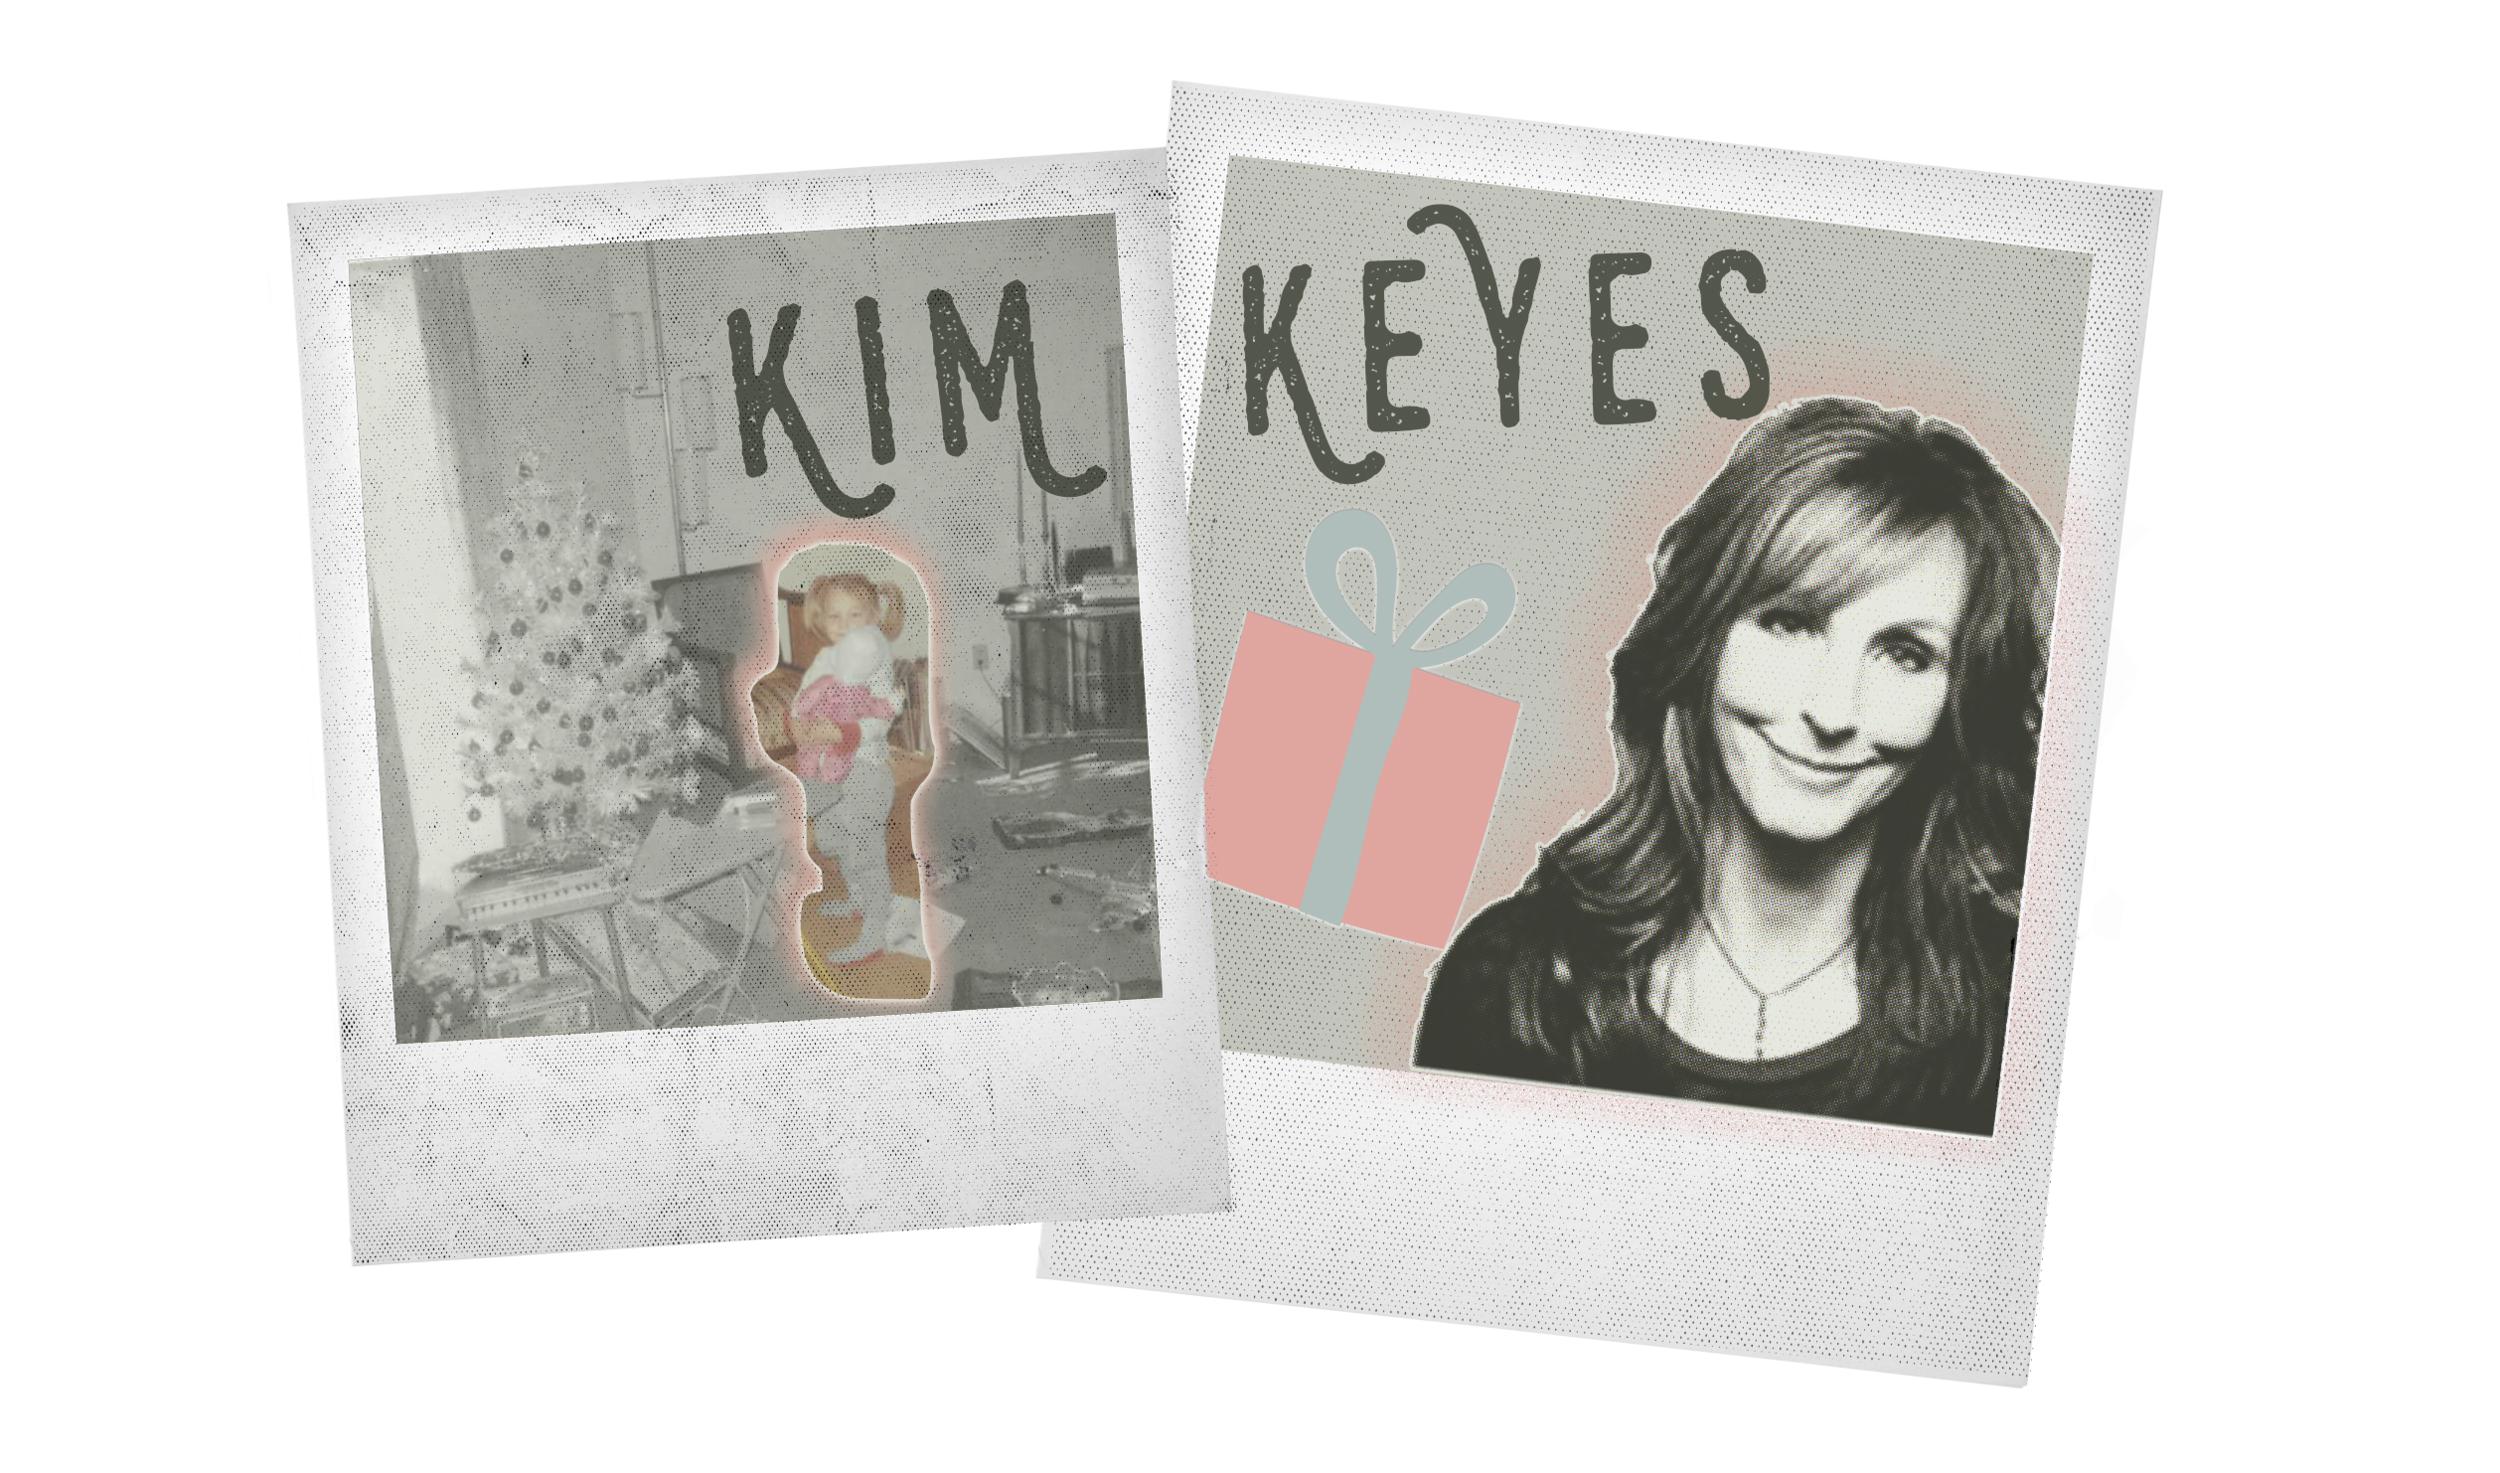 Kim Keyes with Nashville Treehouse Music